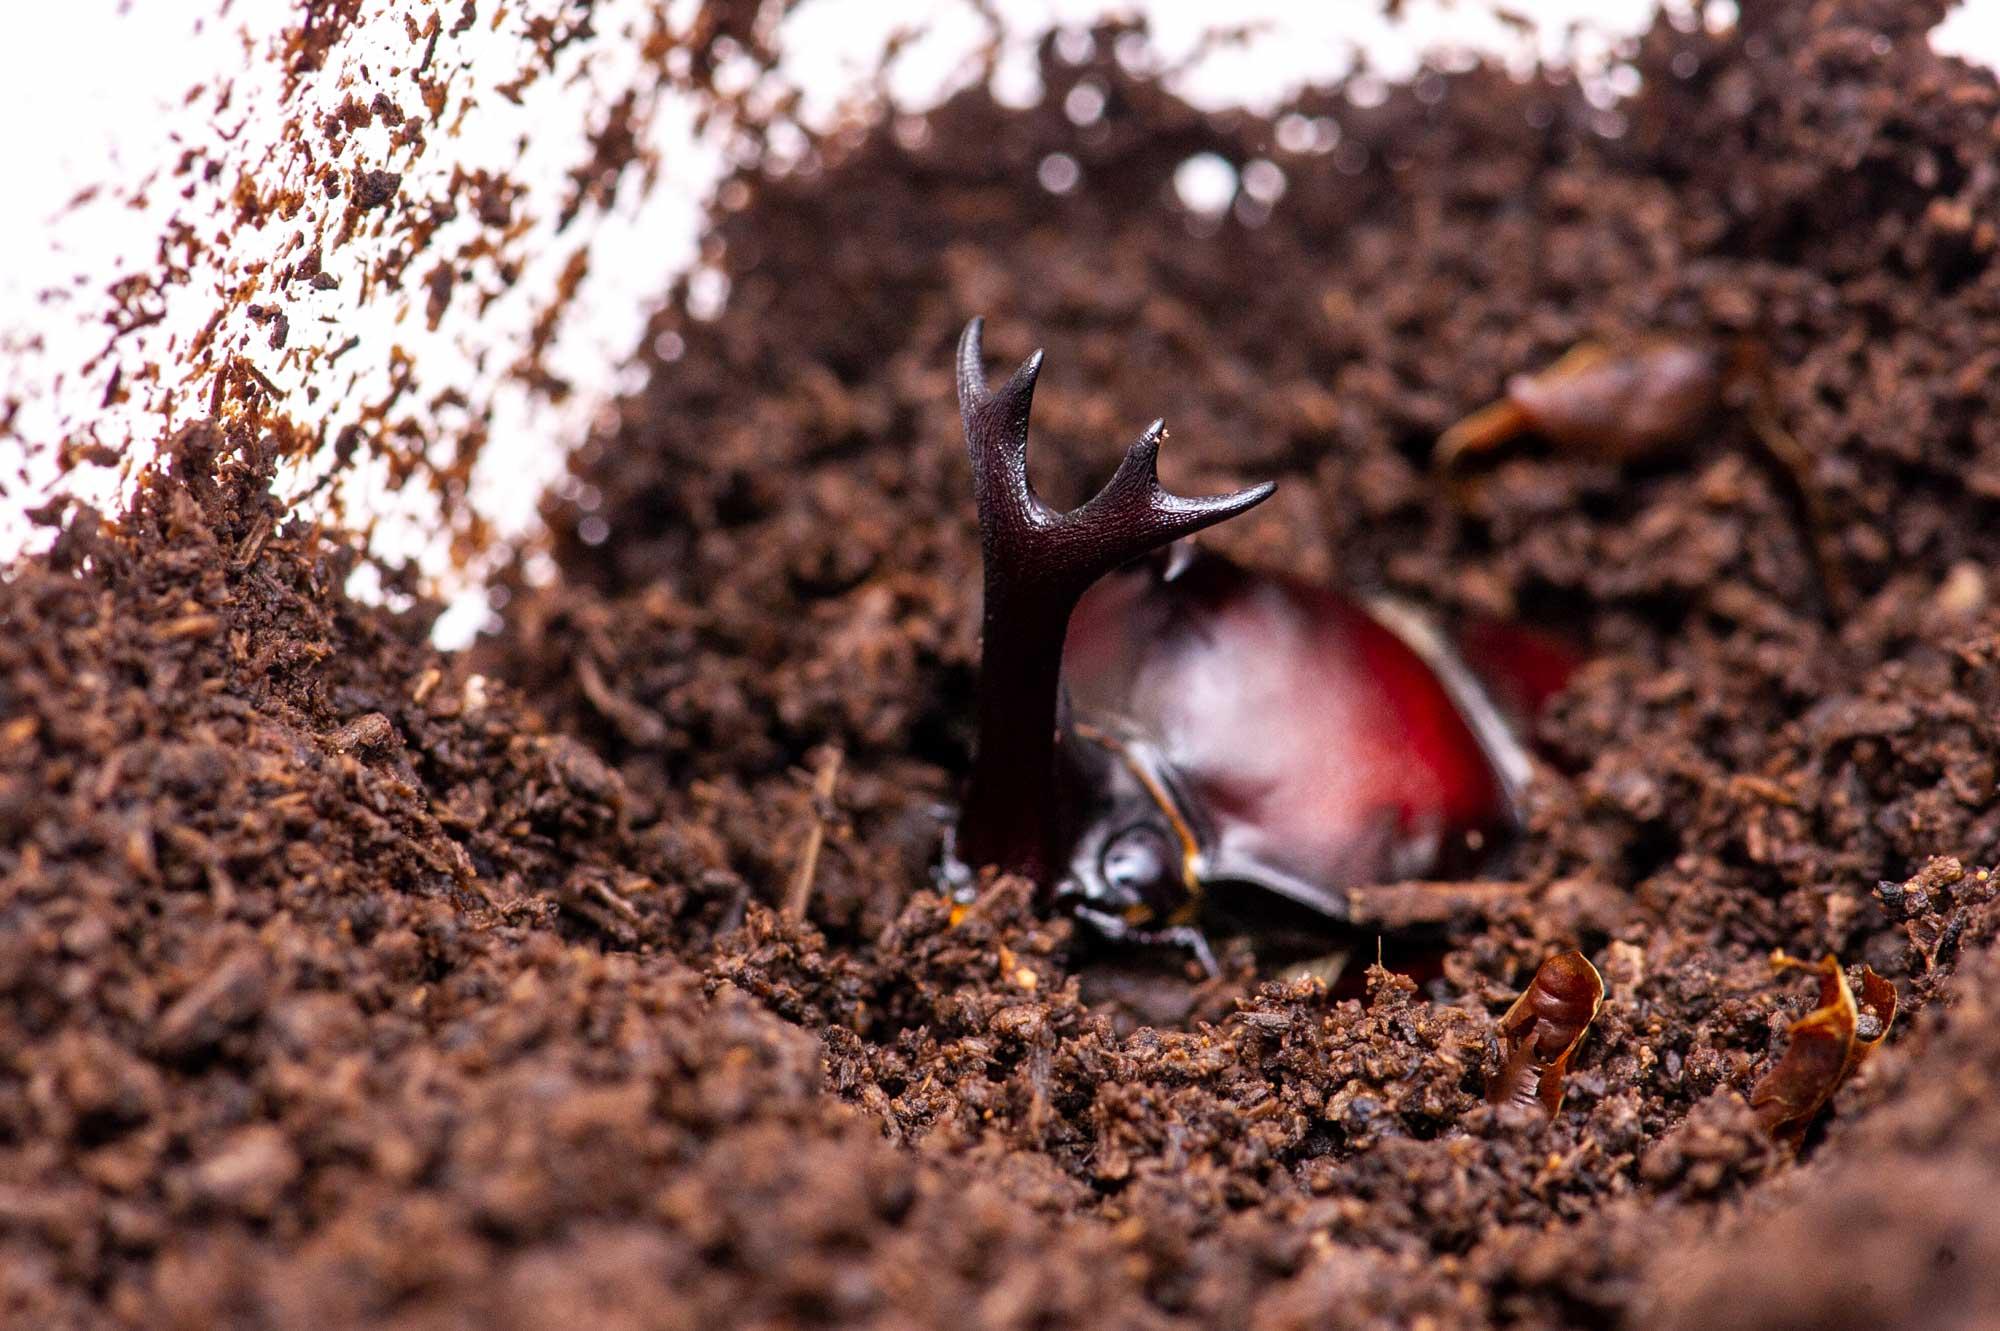 カブトムシの飼育の写真